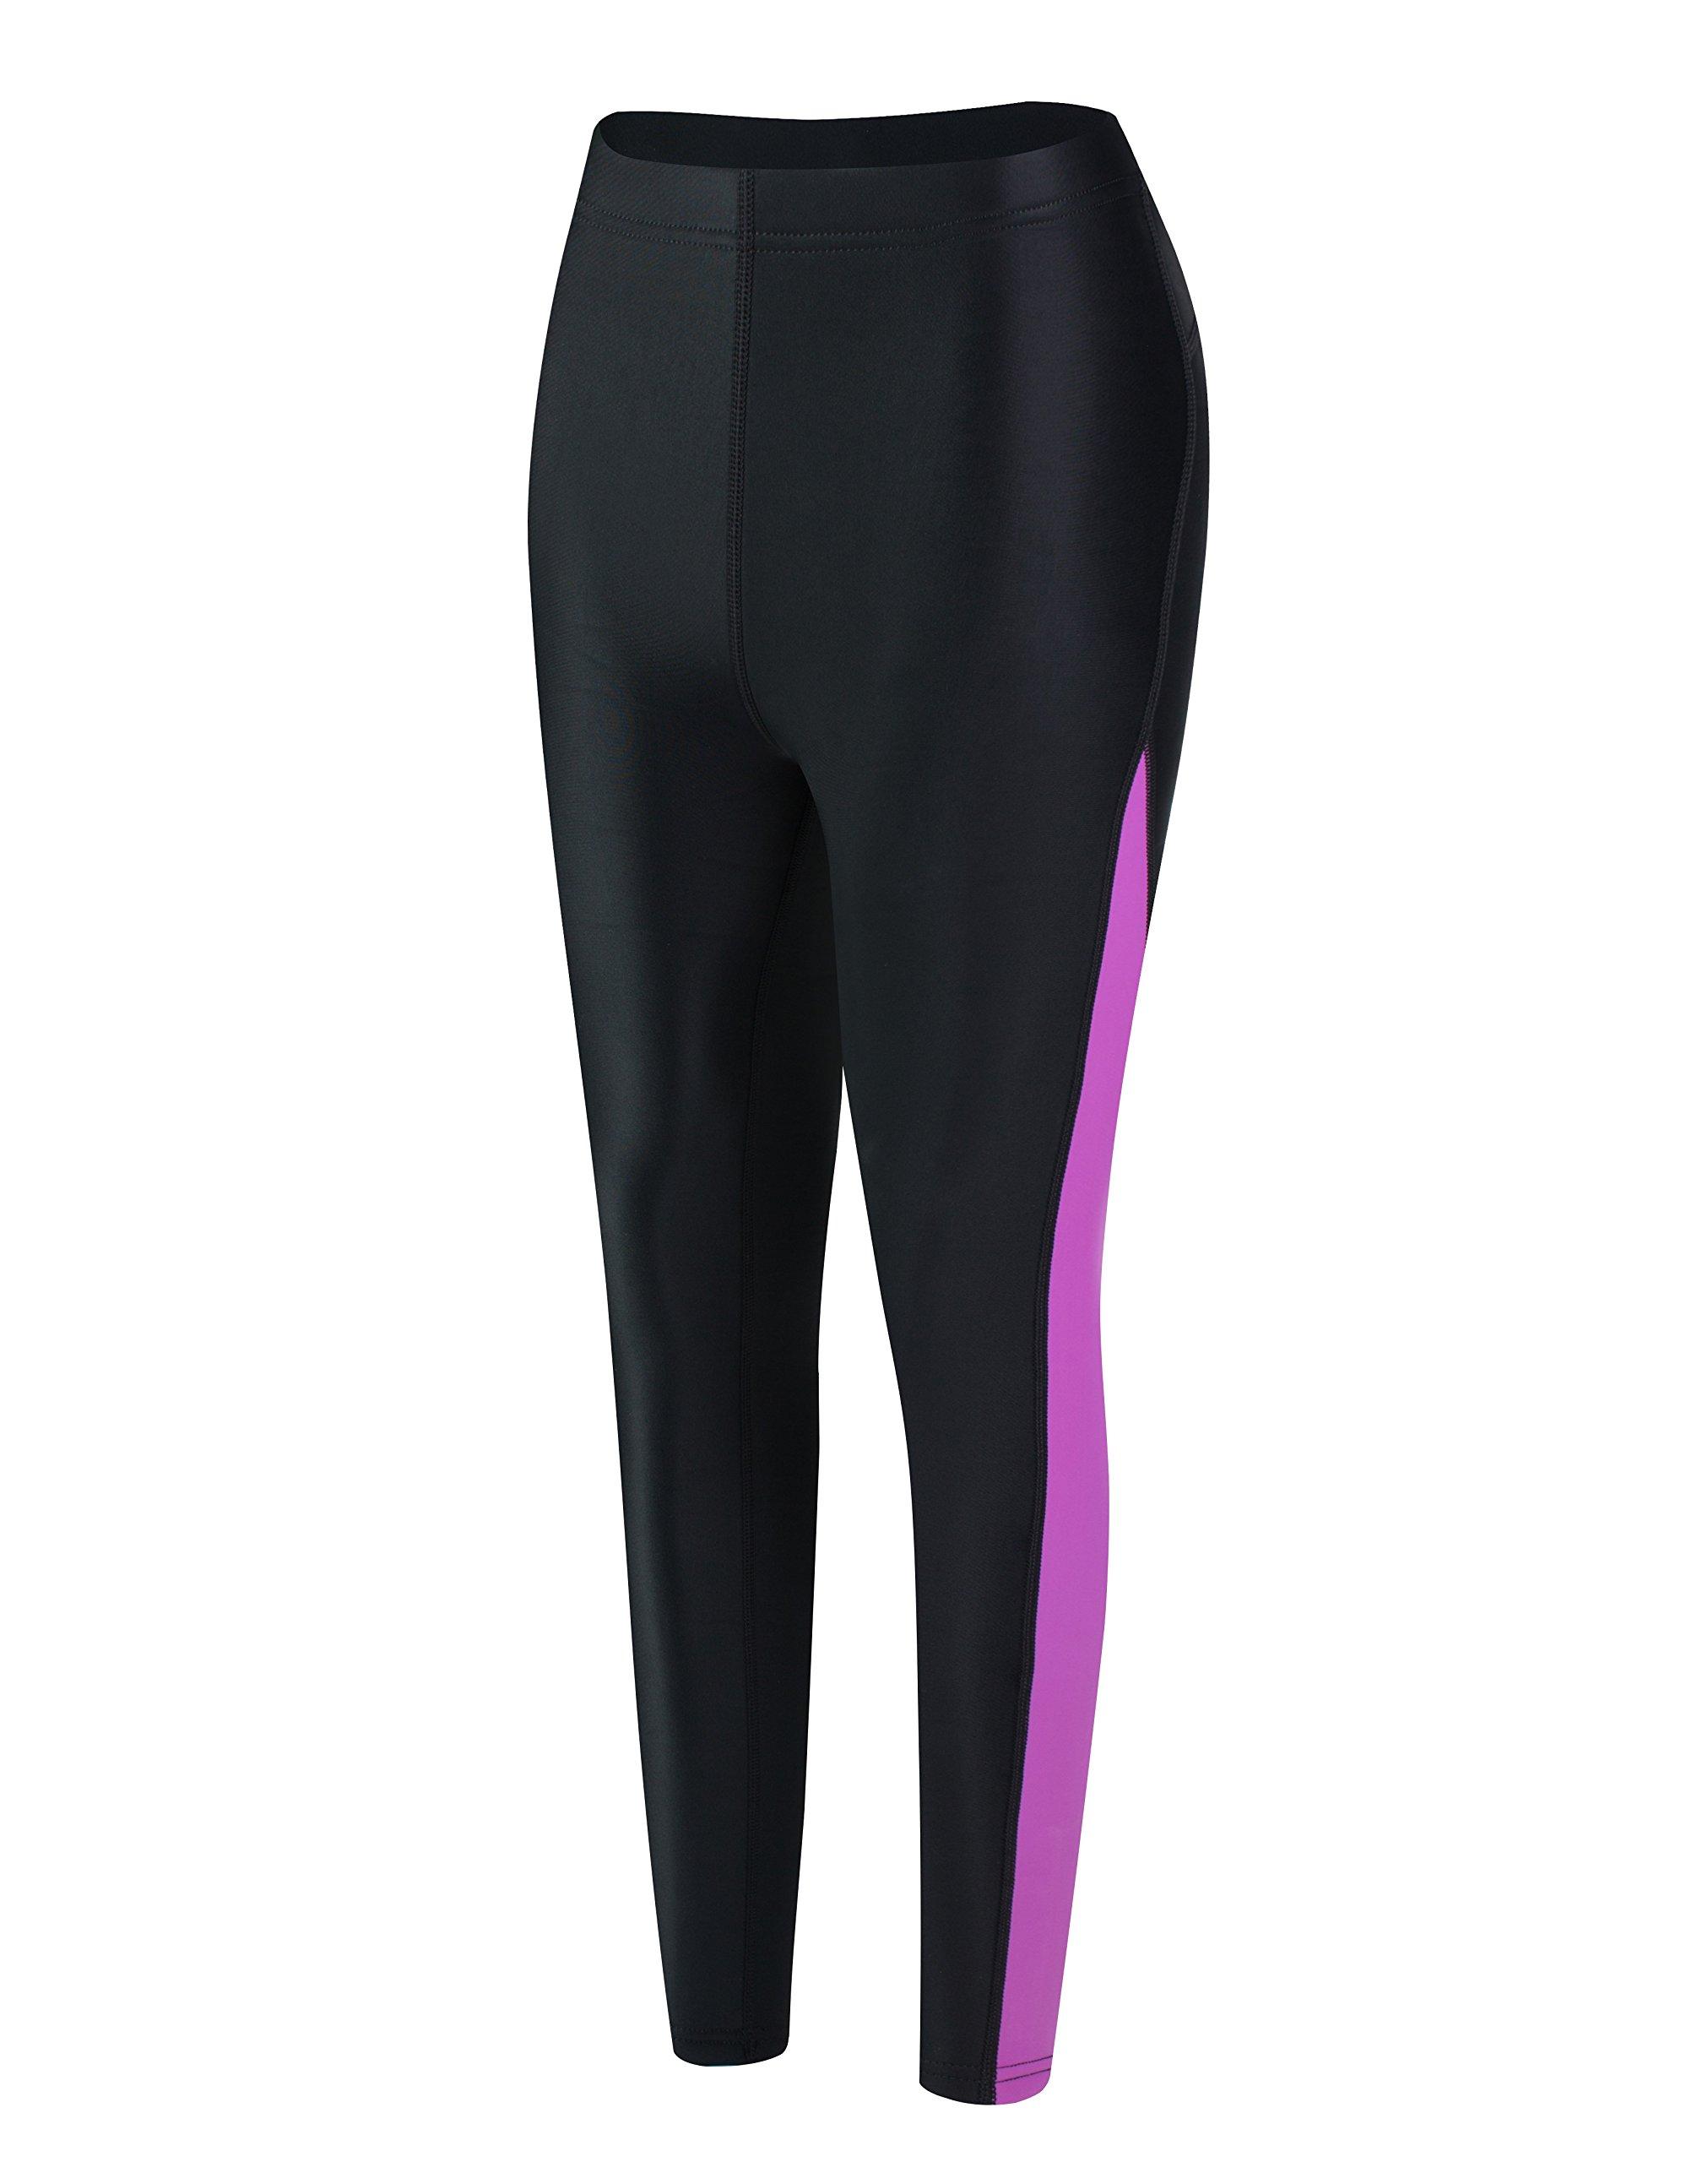 EYCE Dive & SAIL Women's 1.5mm Neoprene Wetsuit Pants Diving Snorkeling Scuba Surf Canoe Pants (Purple, 2XLarge) by EYCE